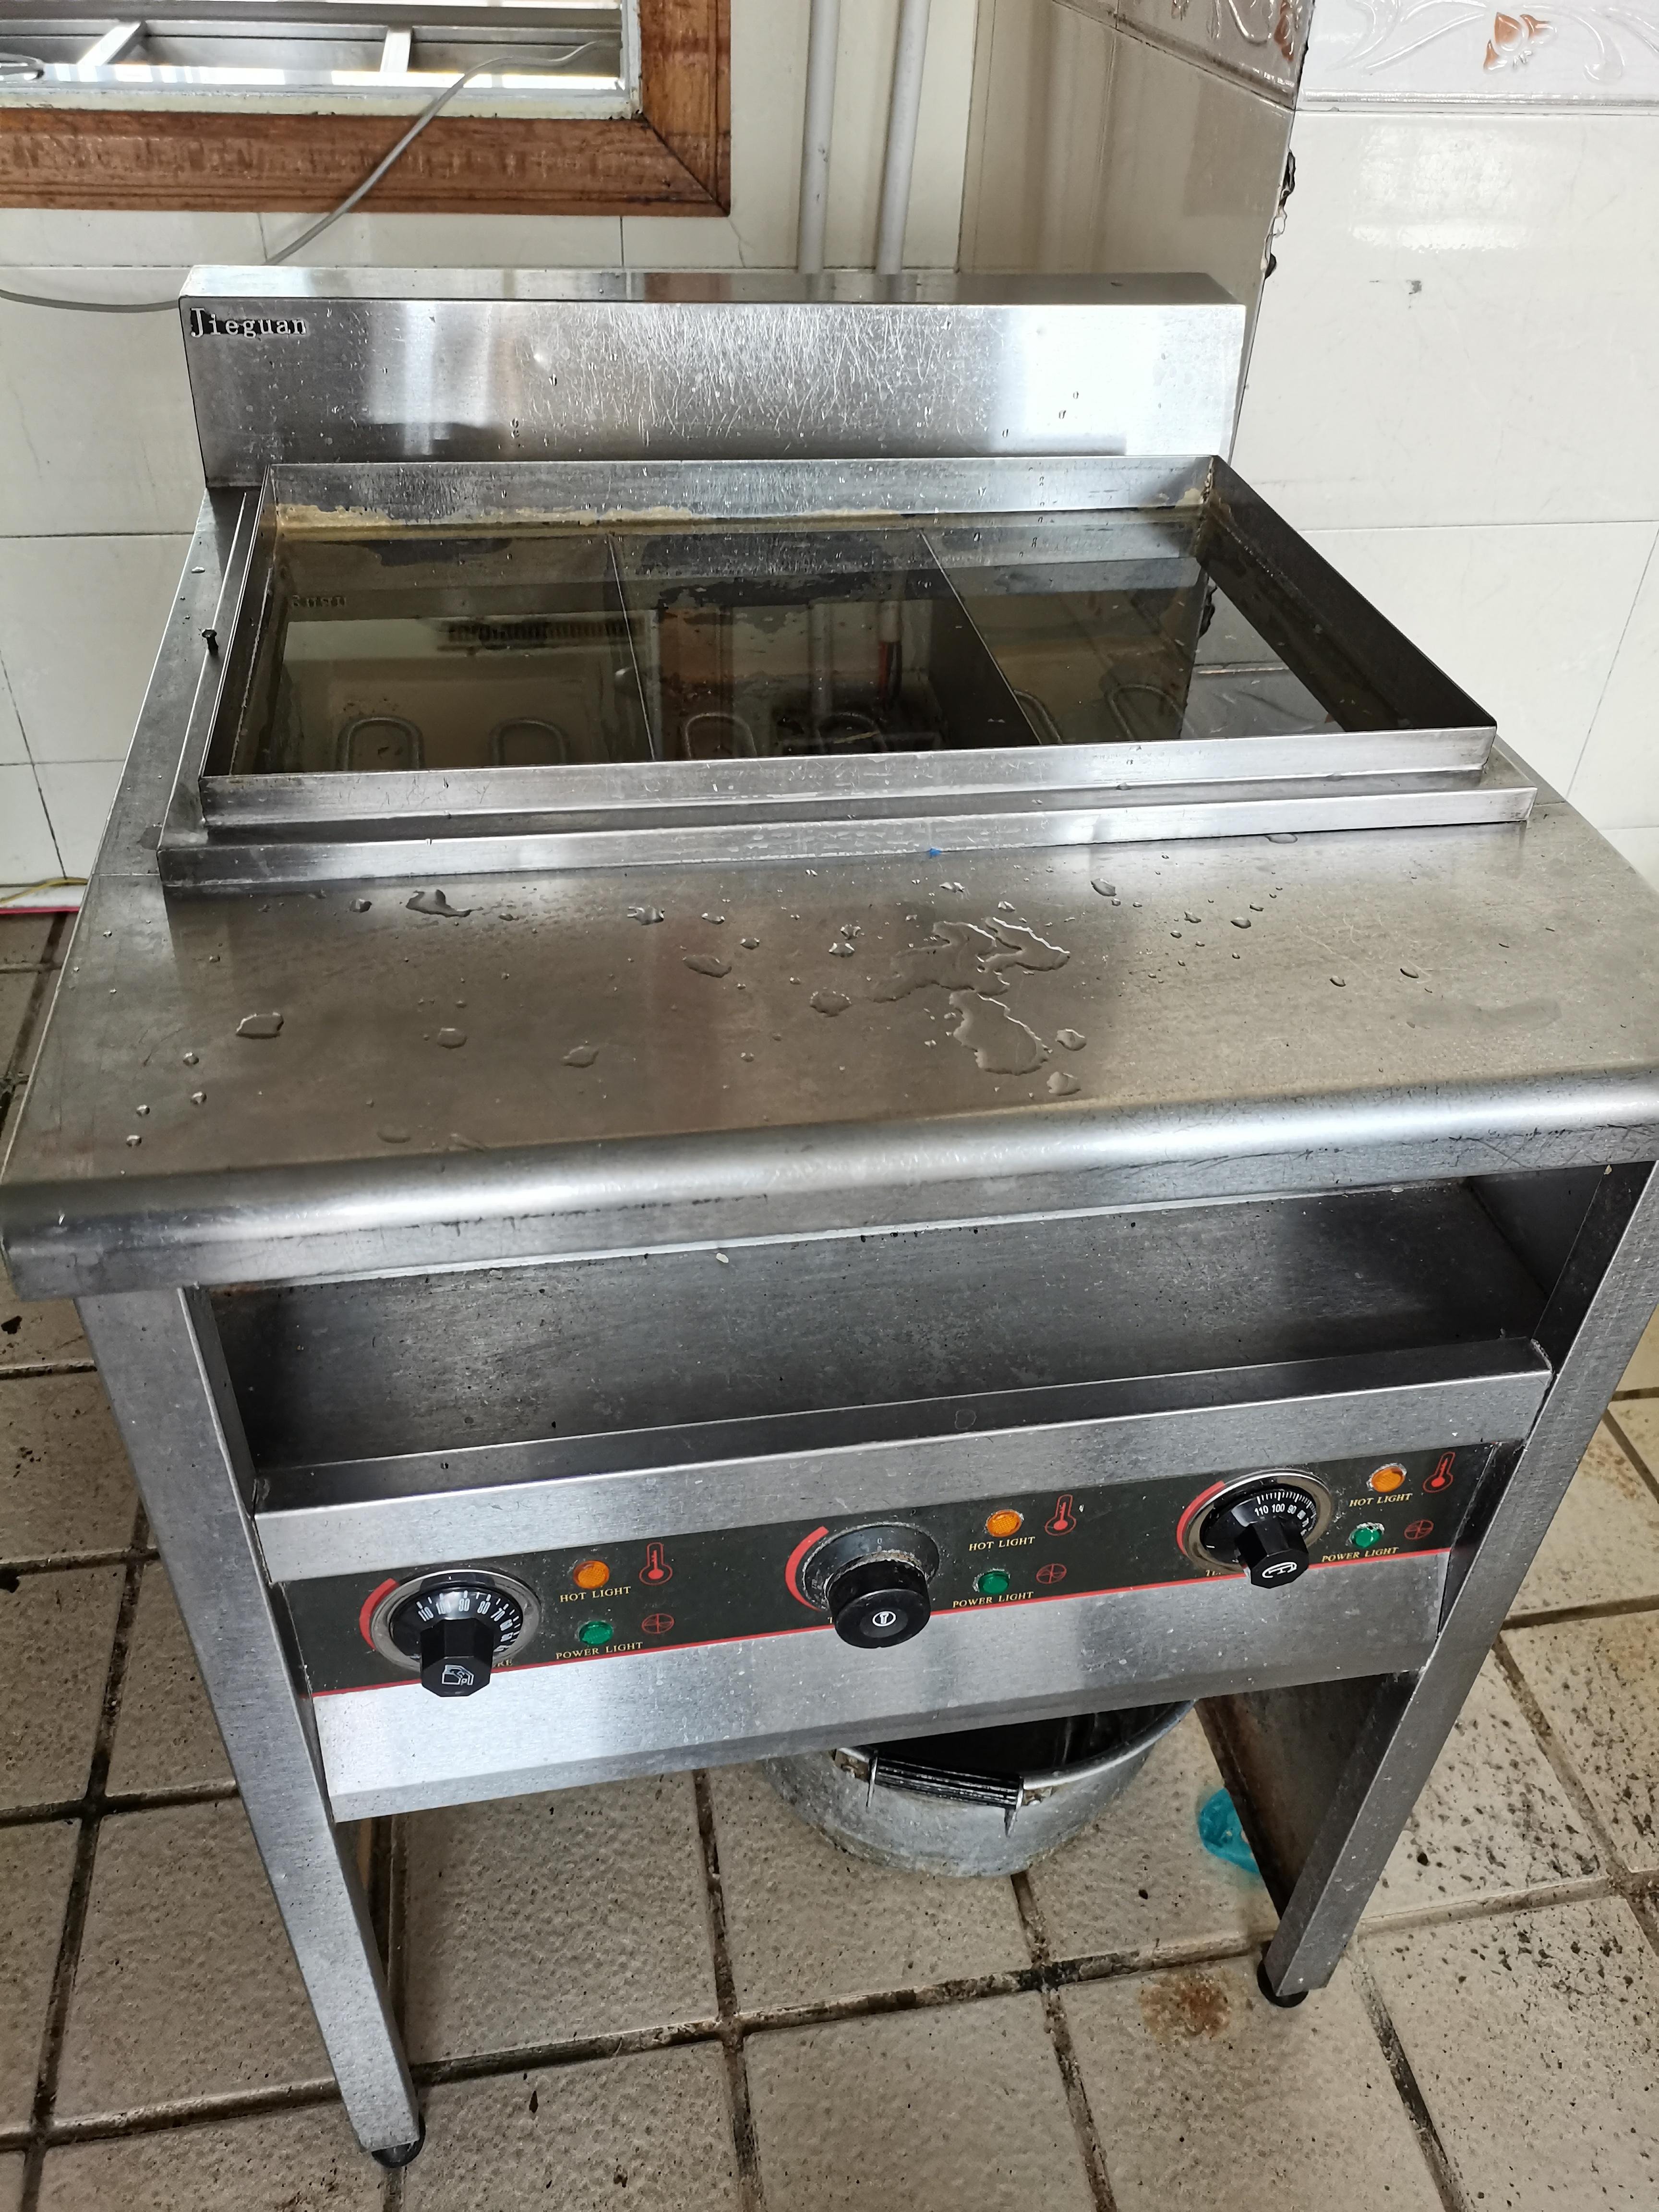 商用蒸煮機維修案例展示